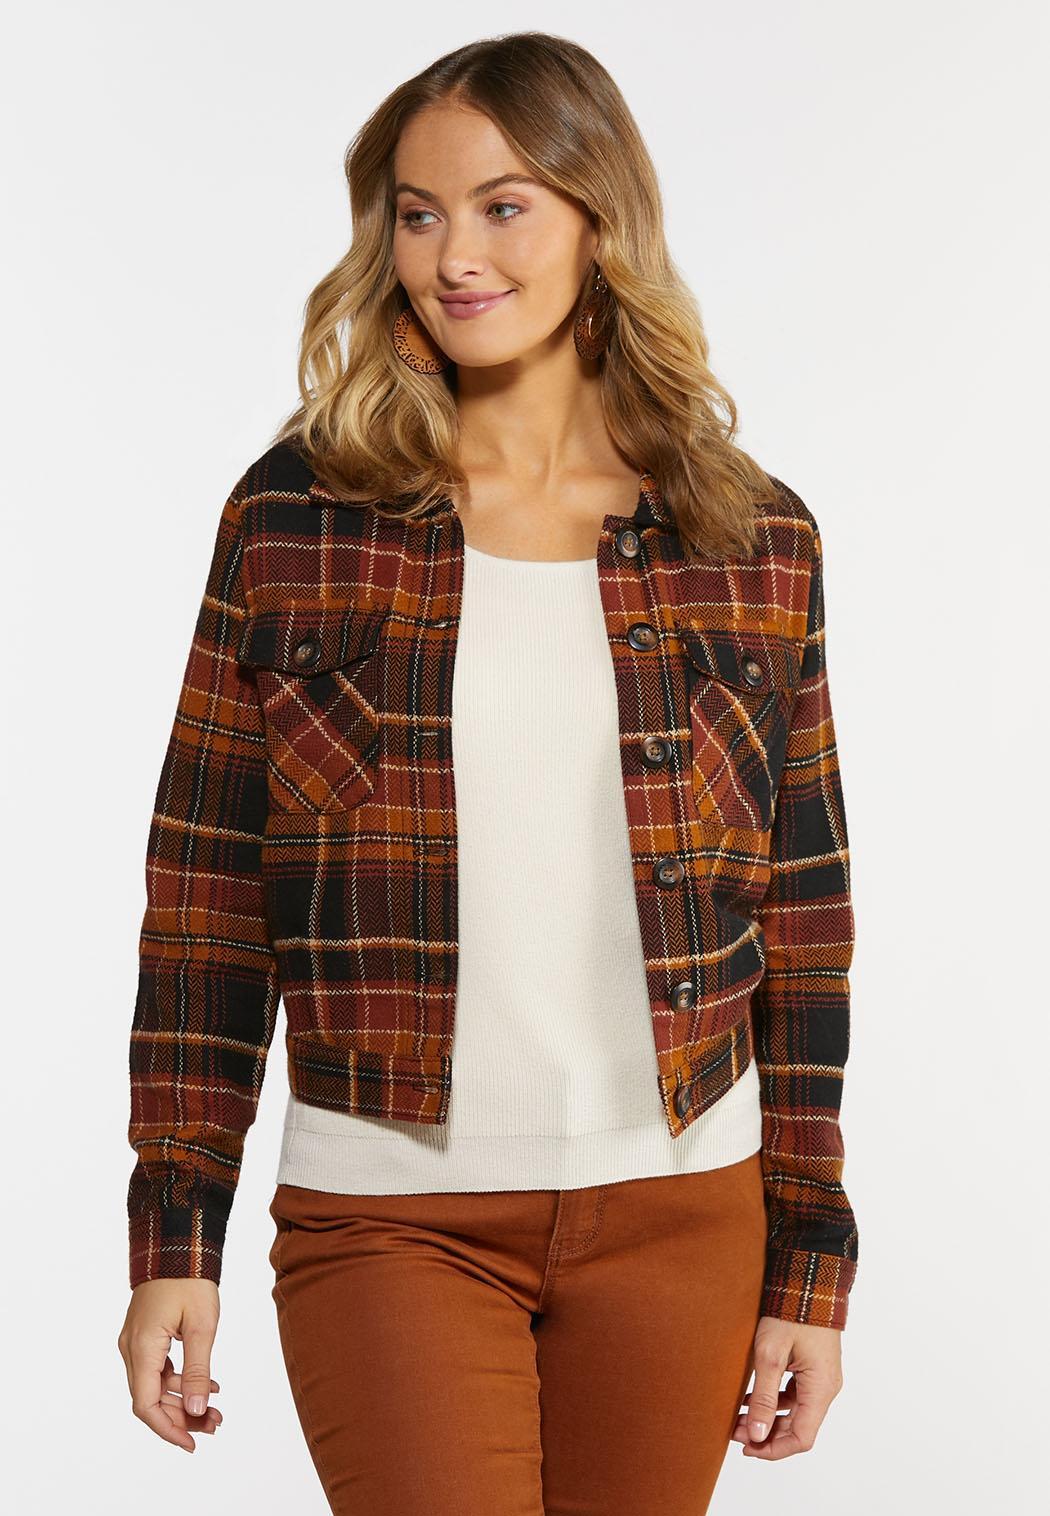 Plus Size Autumn Plaid Jacket